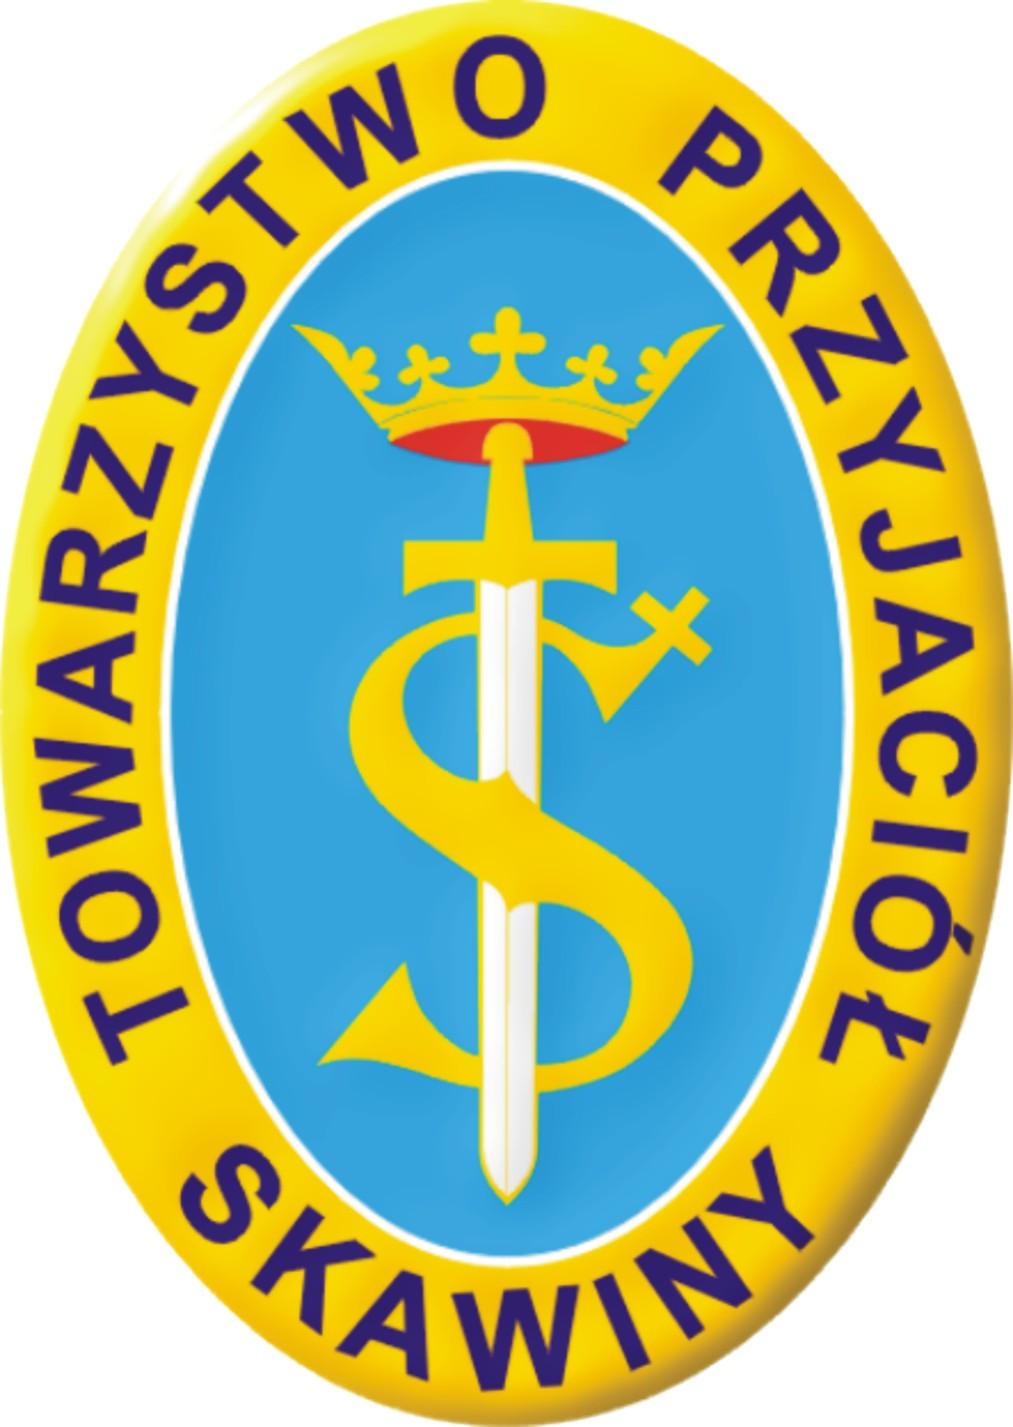 http://tps.skawina.pl/wp-content/uploads/2012/11/TPS_logo1.jpg